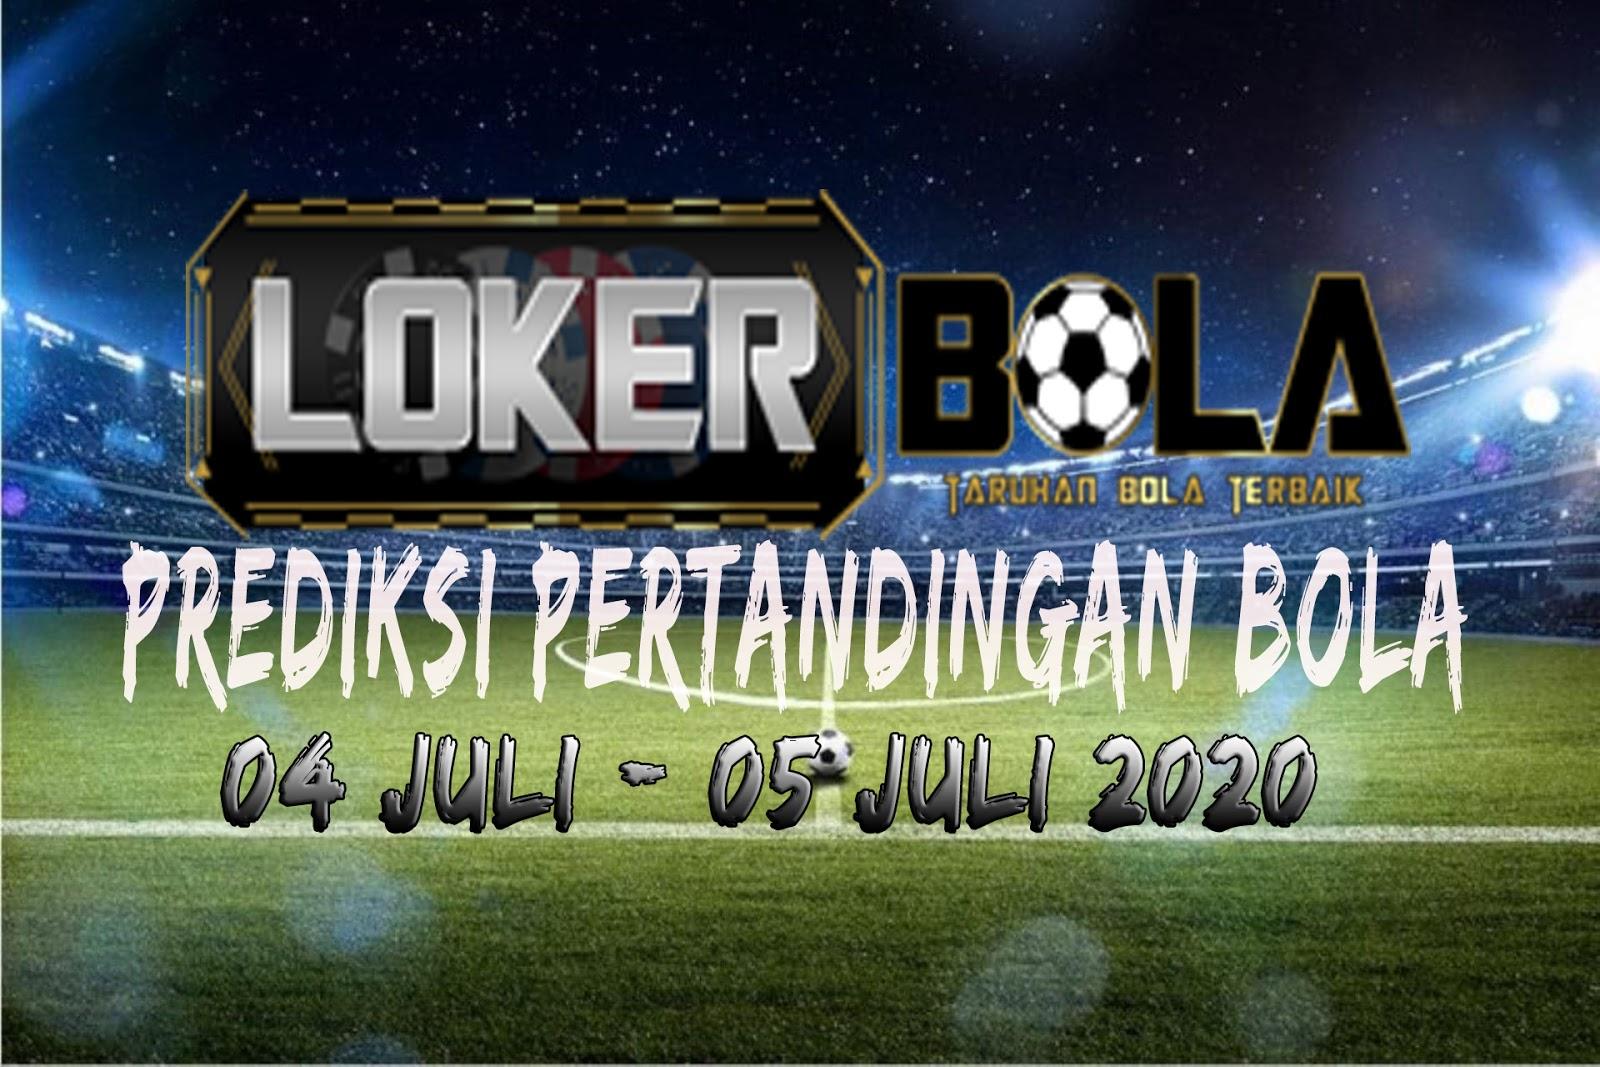 PREDIKSI PERTANDINGAN BOLA 04-05 JULI 2020